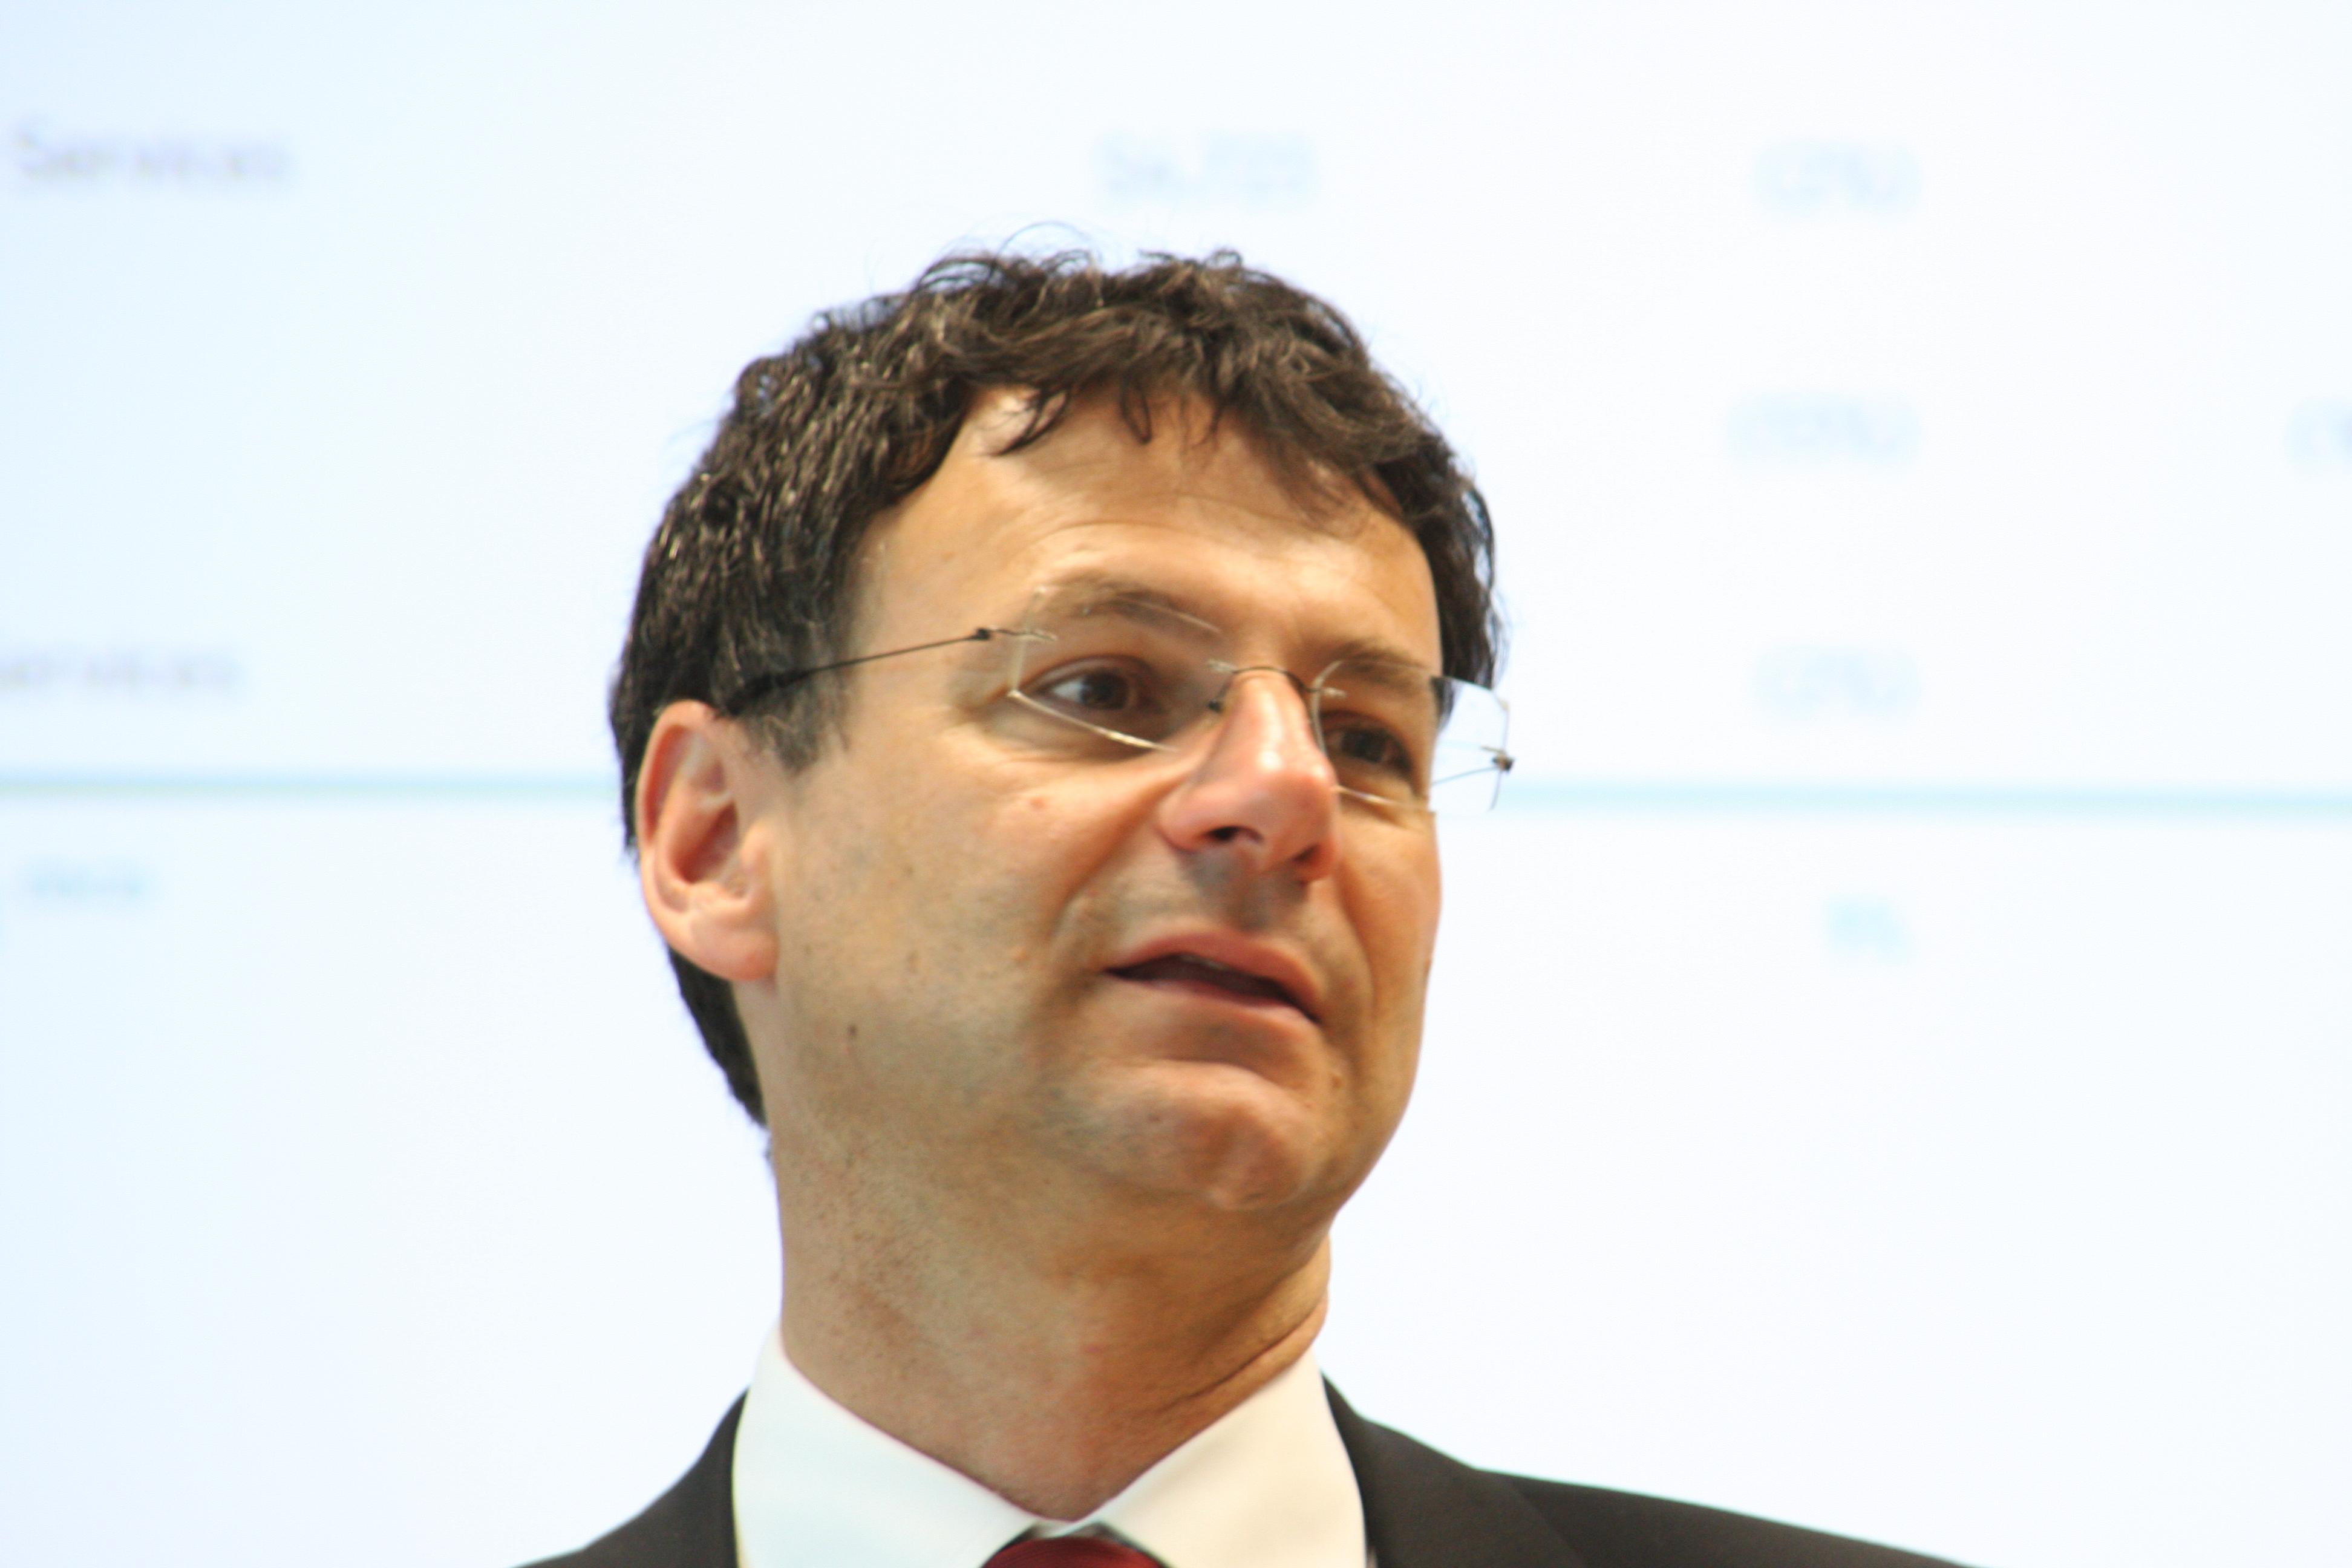 """""""Wir konzentrieren uns auf die Marktsegmente in denen wir Nummer eins oder Nummer zwei sind"""", erklärt Ulrich Seibold, Vice President indirekter Vertrieb, SMB und Service Provider, HPE Deutschland. (Bild: Martin Schindler)"""